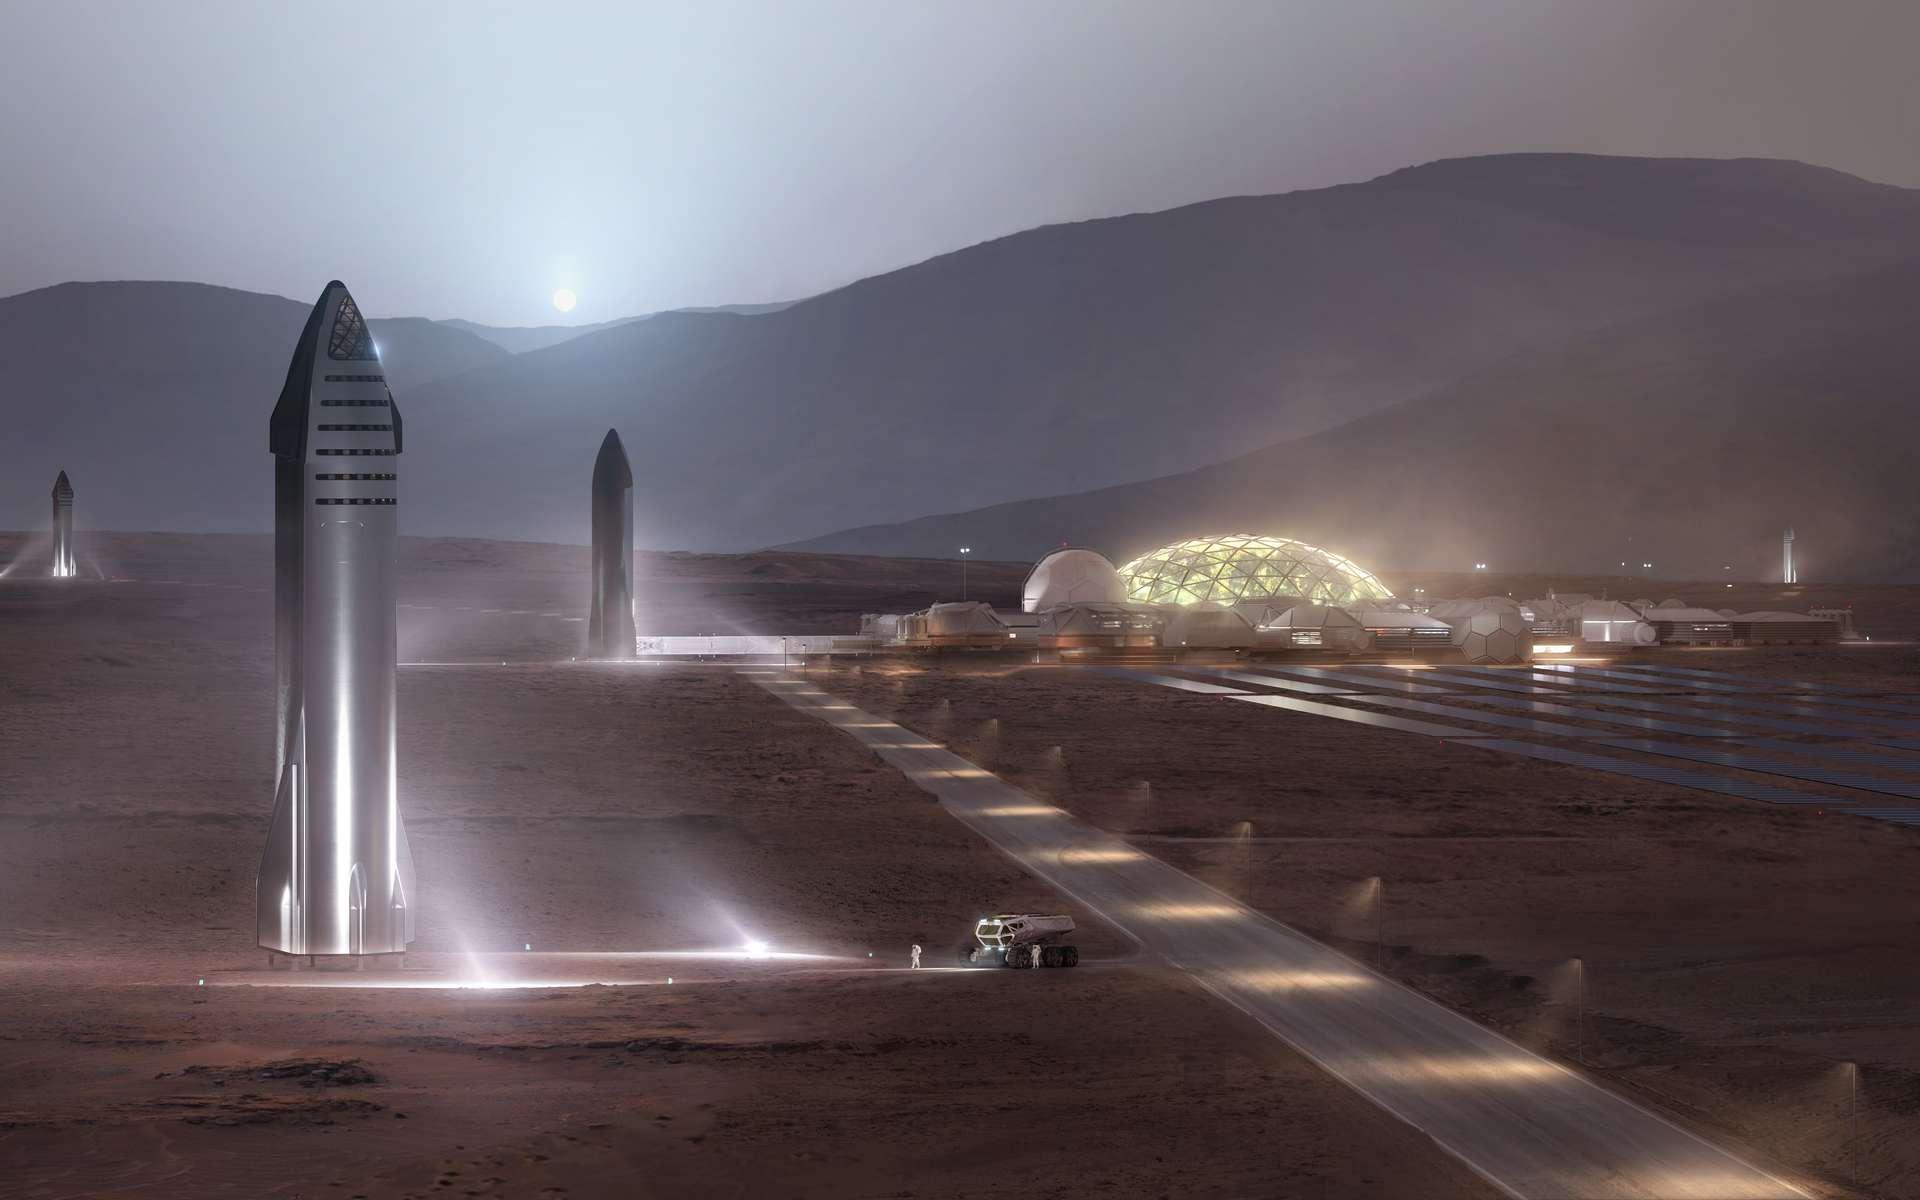 Vue d'artiste d'un concept de base martienne imaginé par SpaceX. © SpaceX